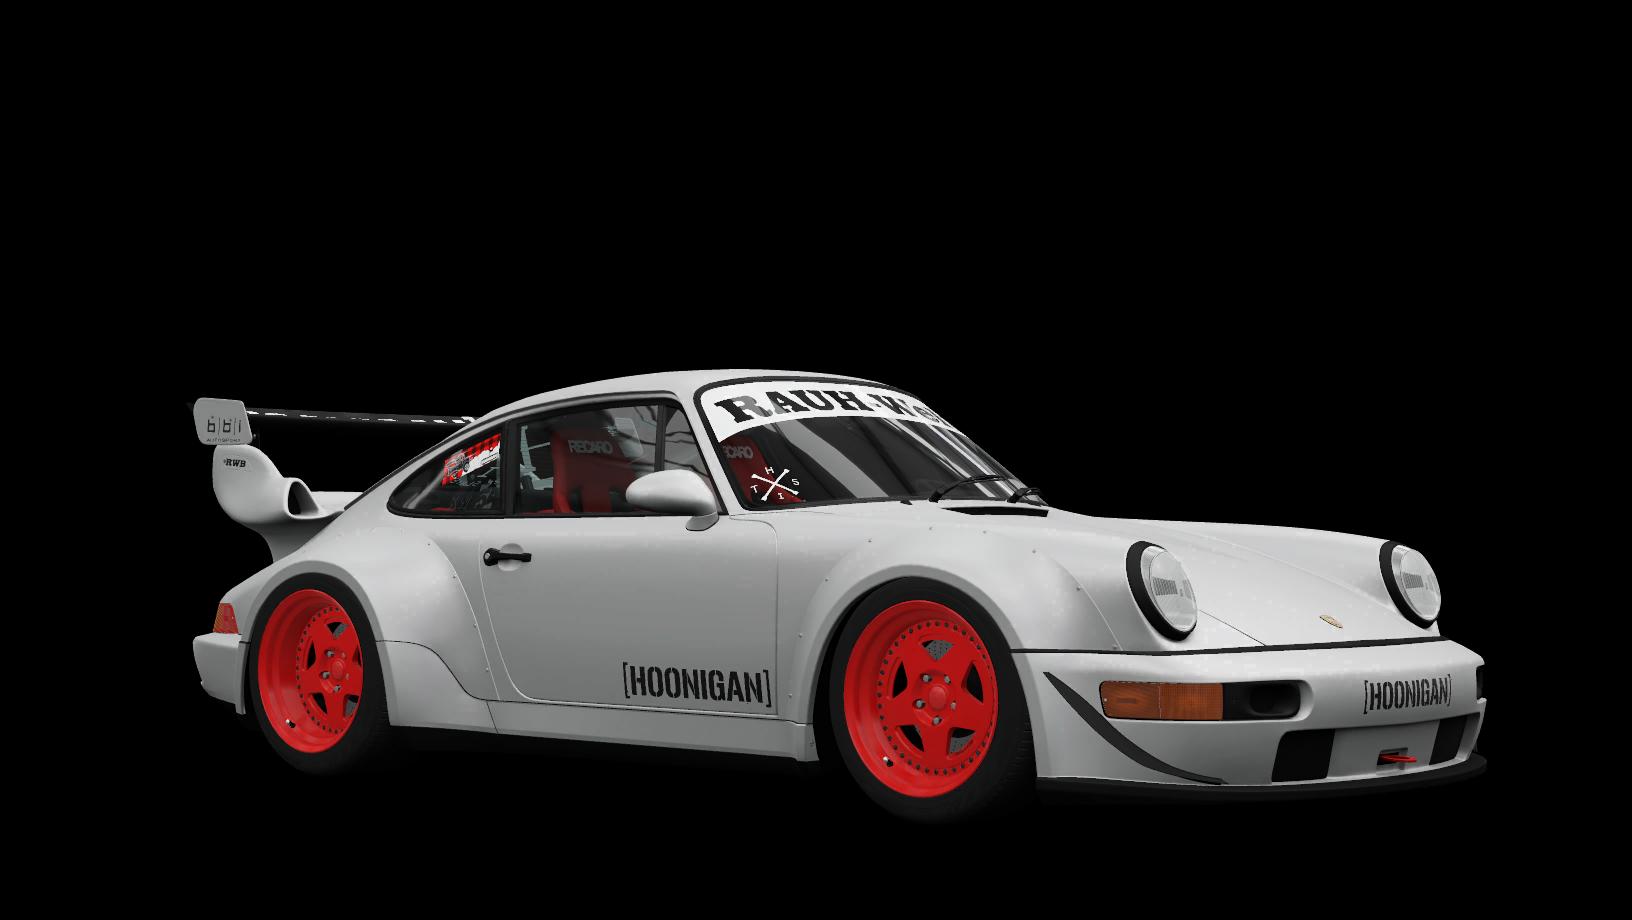 Hoonigan Rauh-Welt Begriff Porsche 911 Turbo